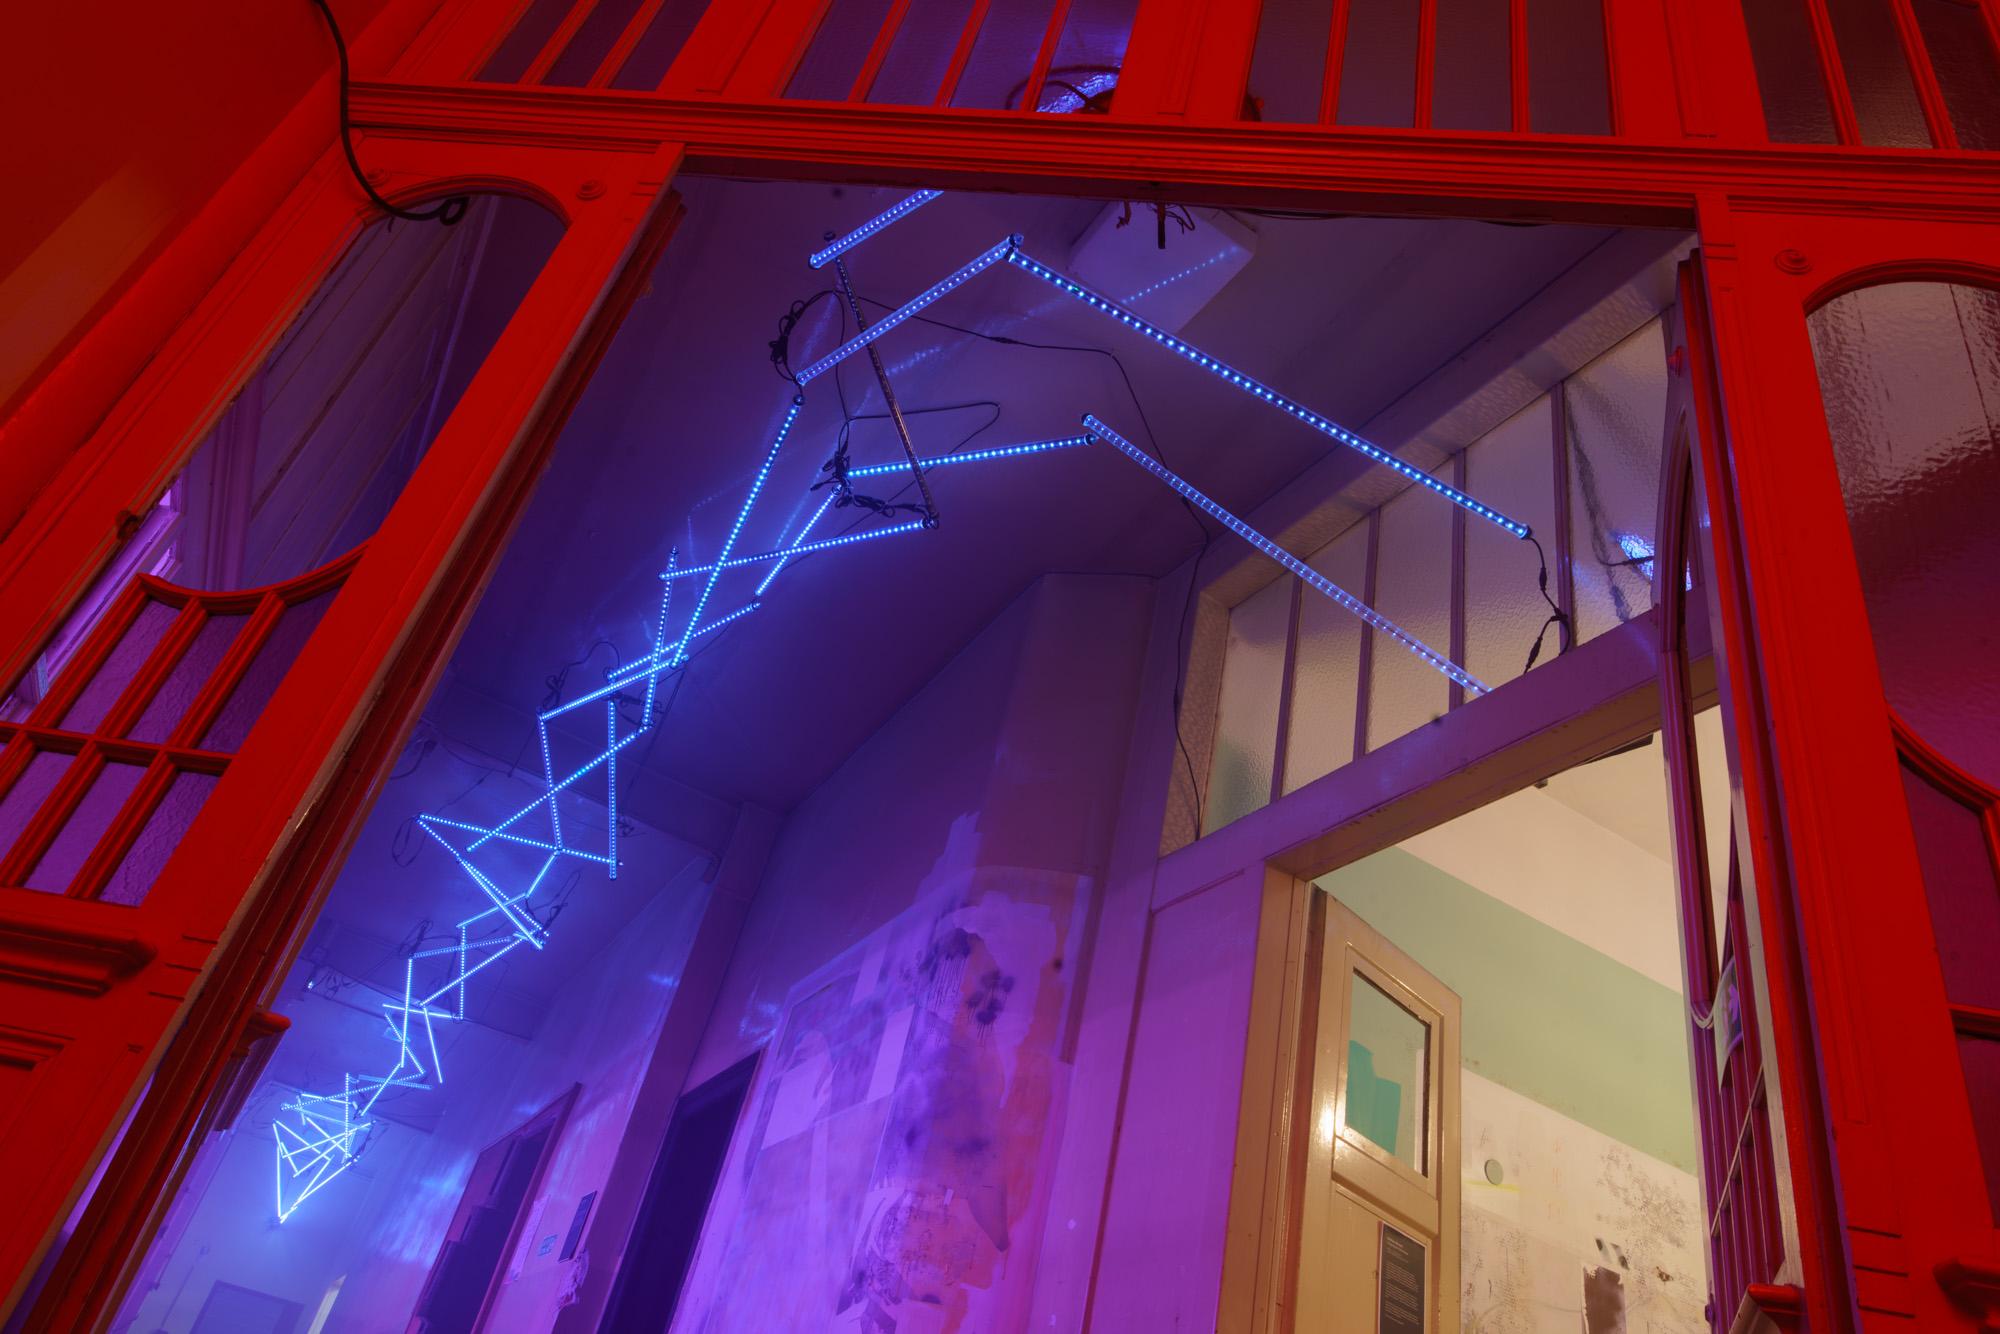 15-12-04 AV Exciters - SelEstArt © Bartosch Salmanski - www.128db.fr 0018